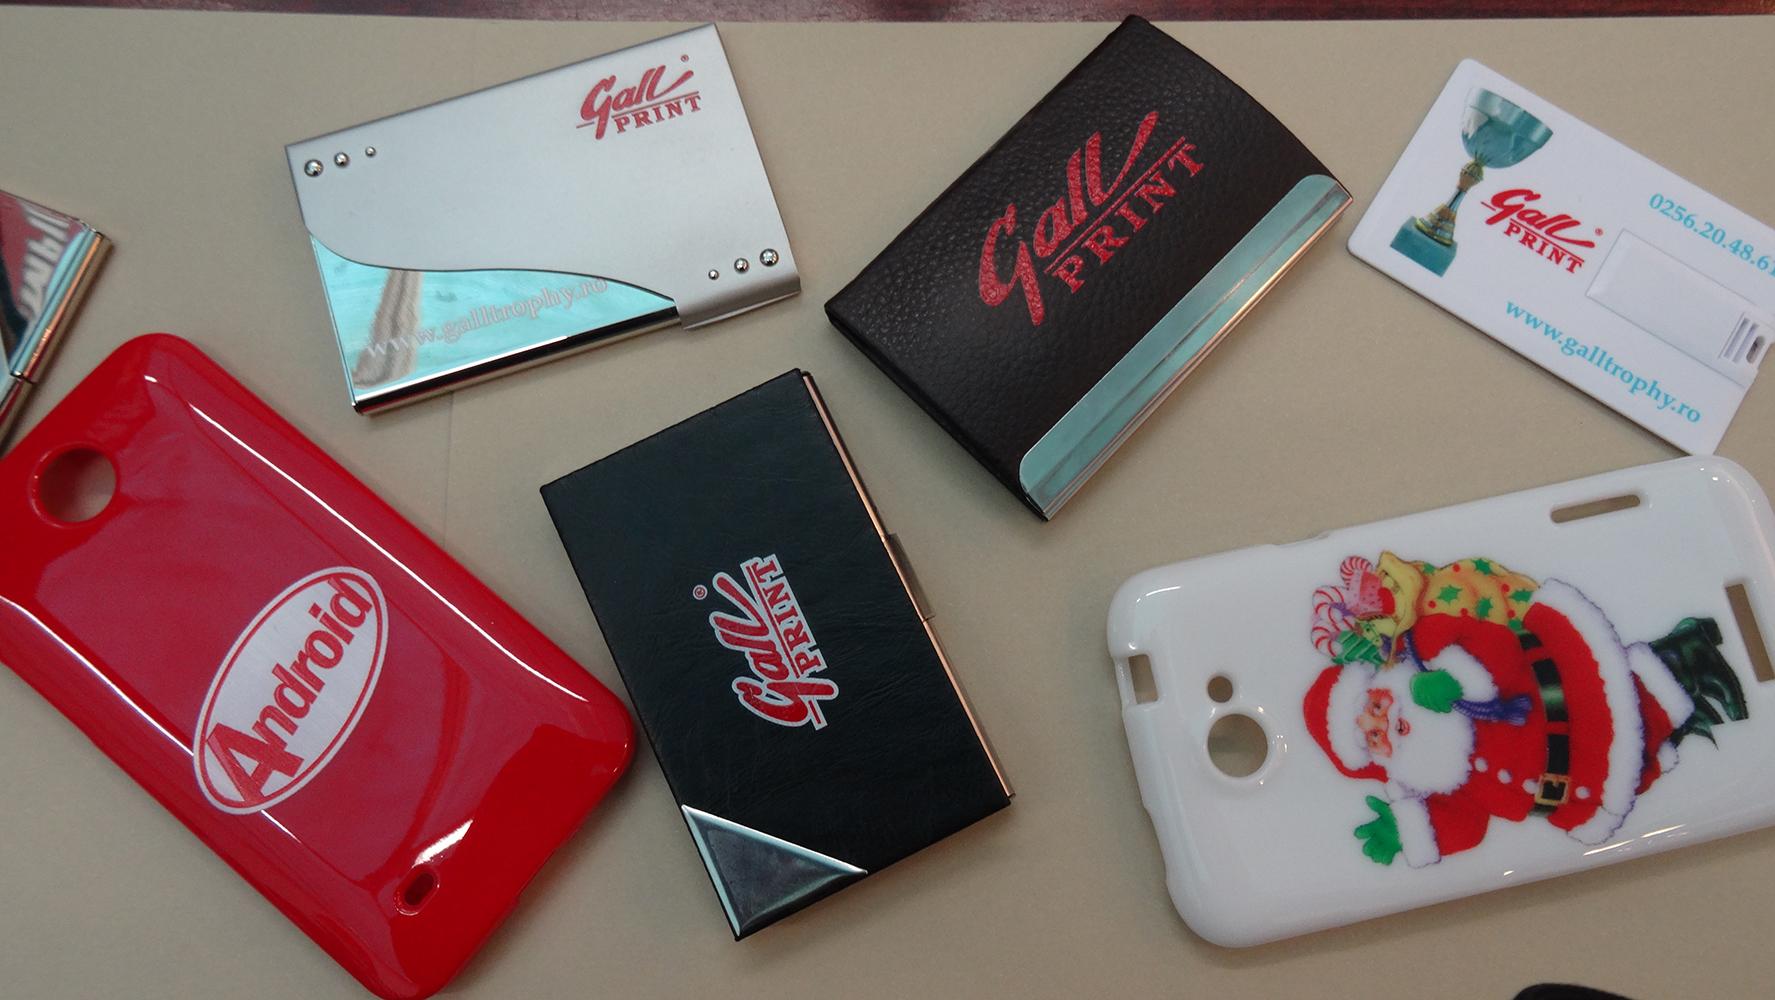 Huse pentru telefoane, carduri personalizate, porturi pentru carti de vizita